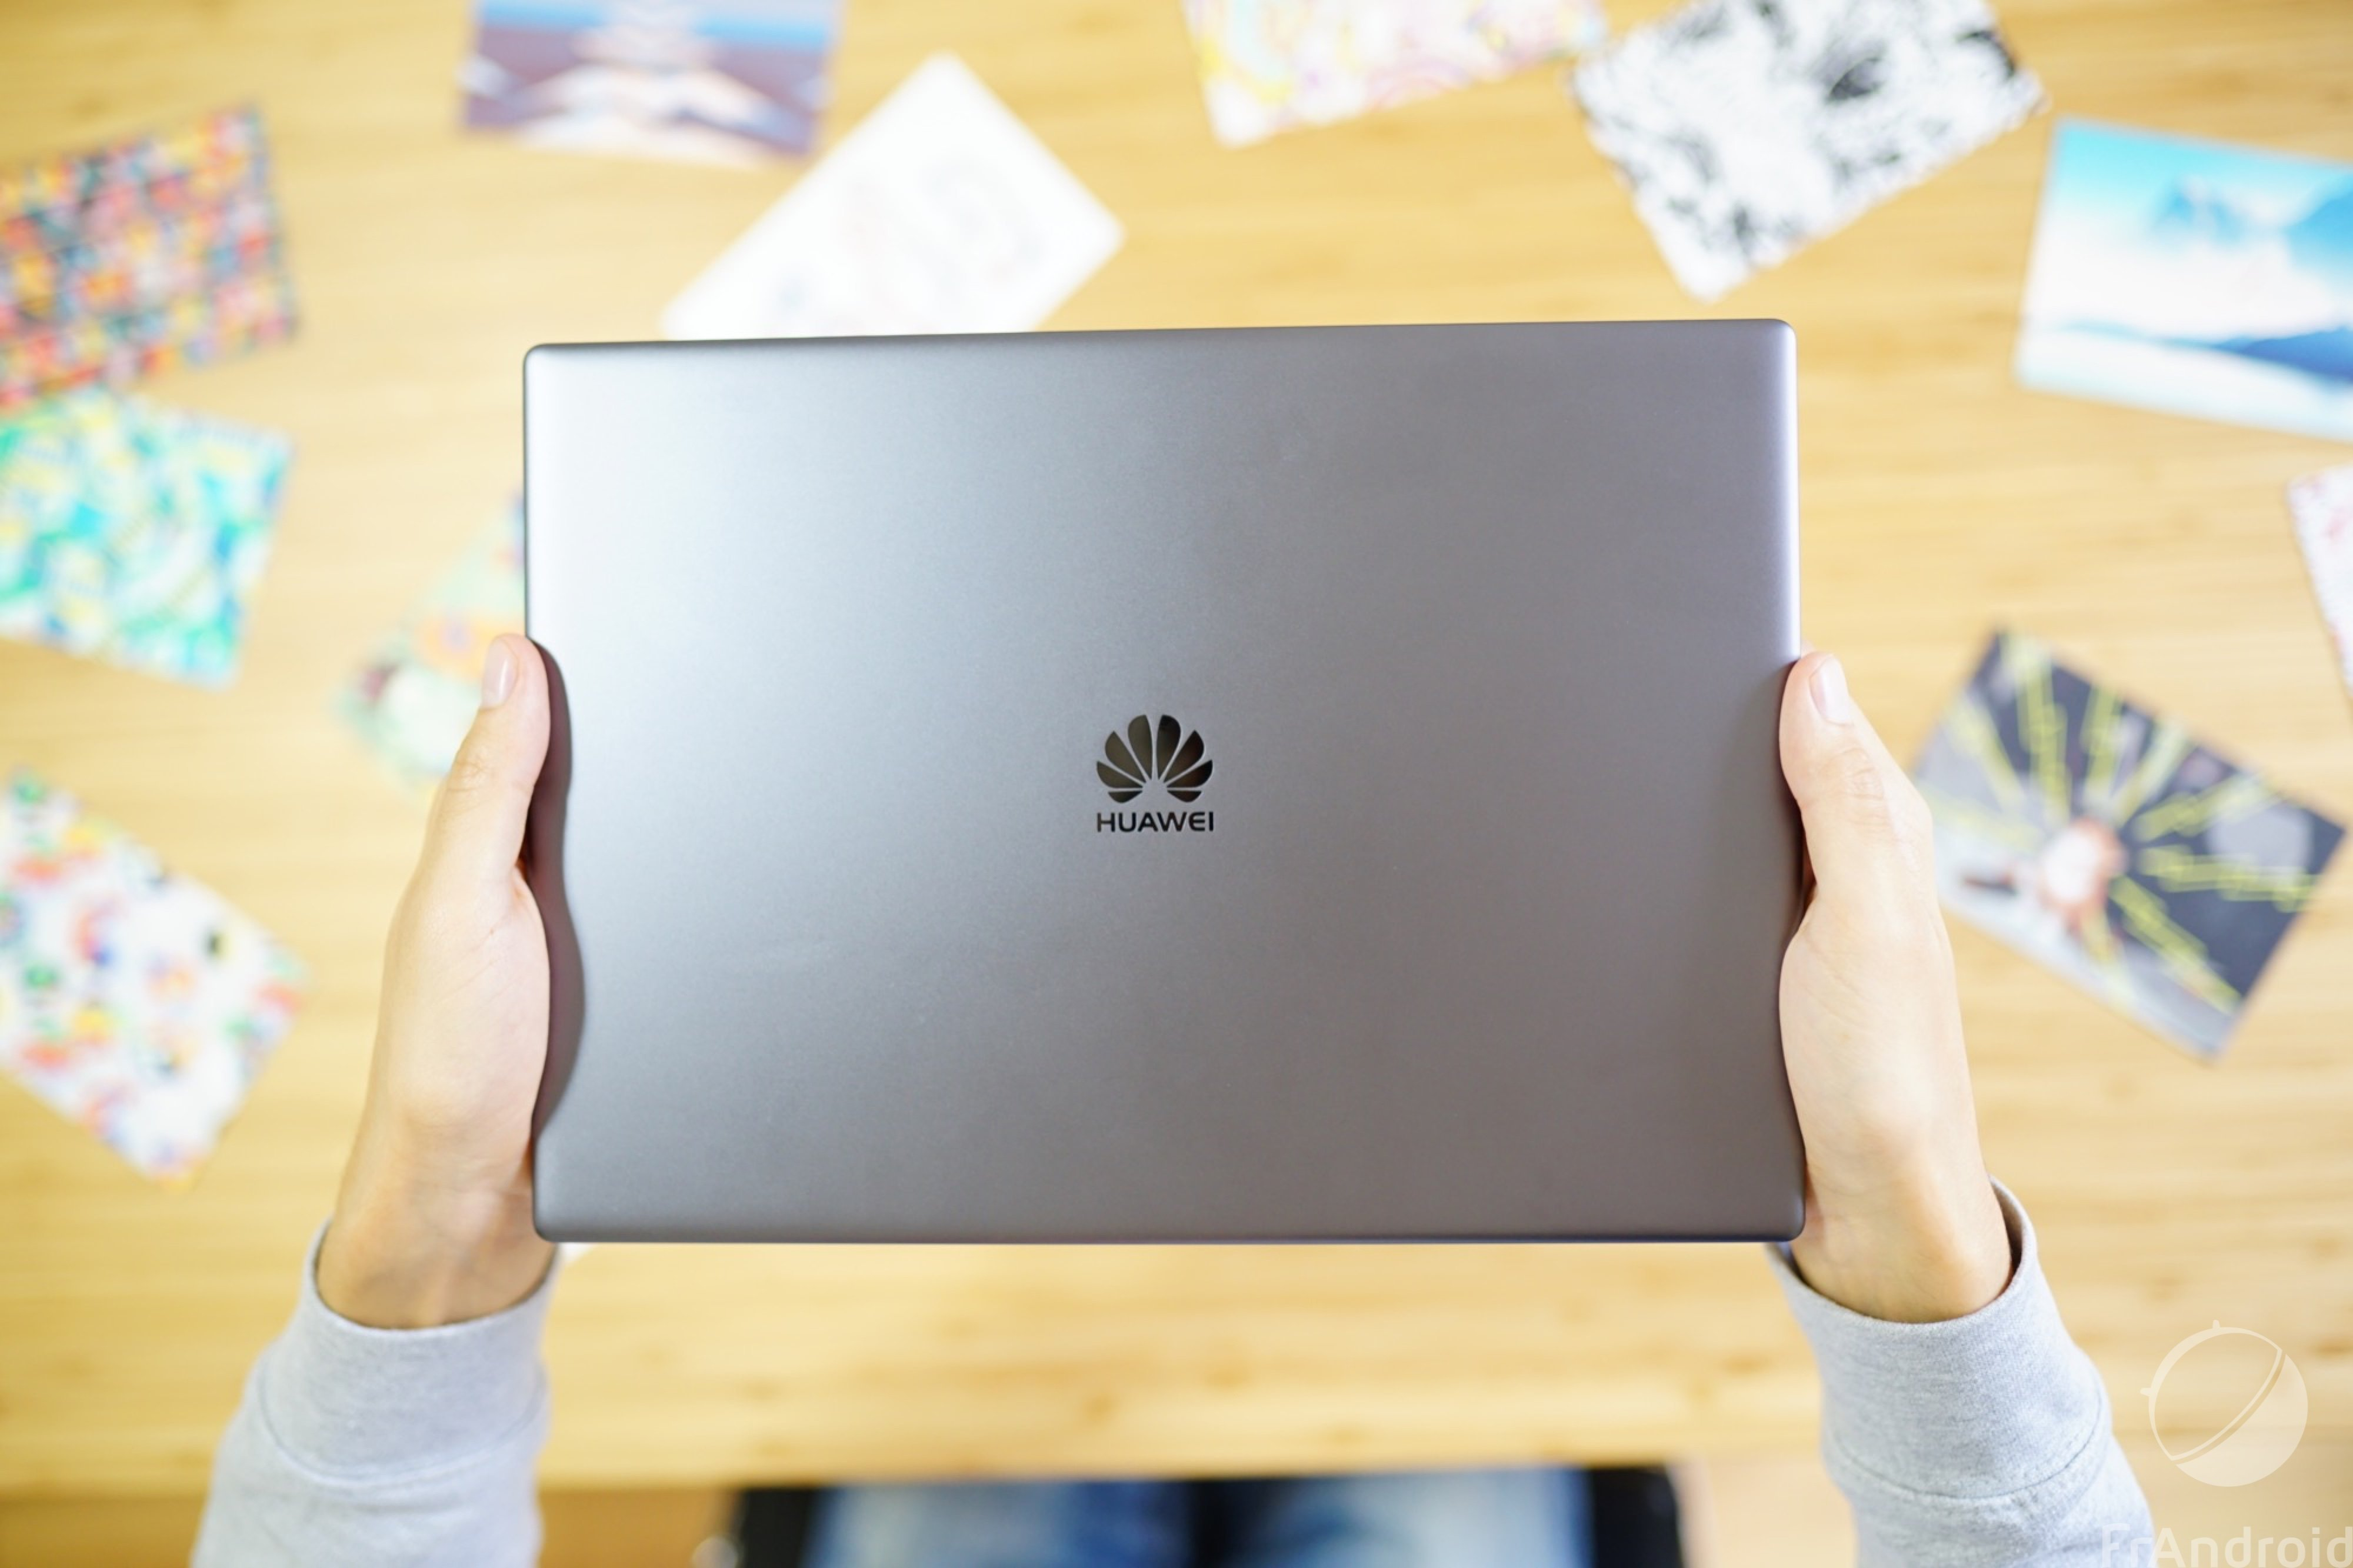 Huawei : le gouvernement américain lève l'embargo pour Microsoft